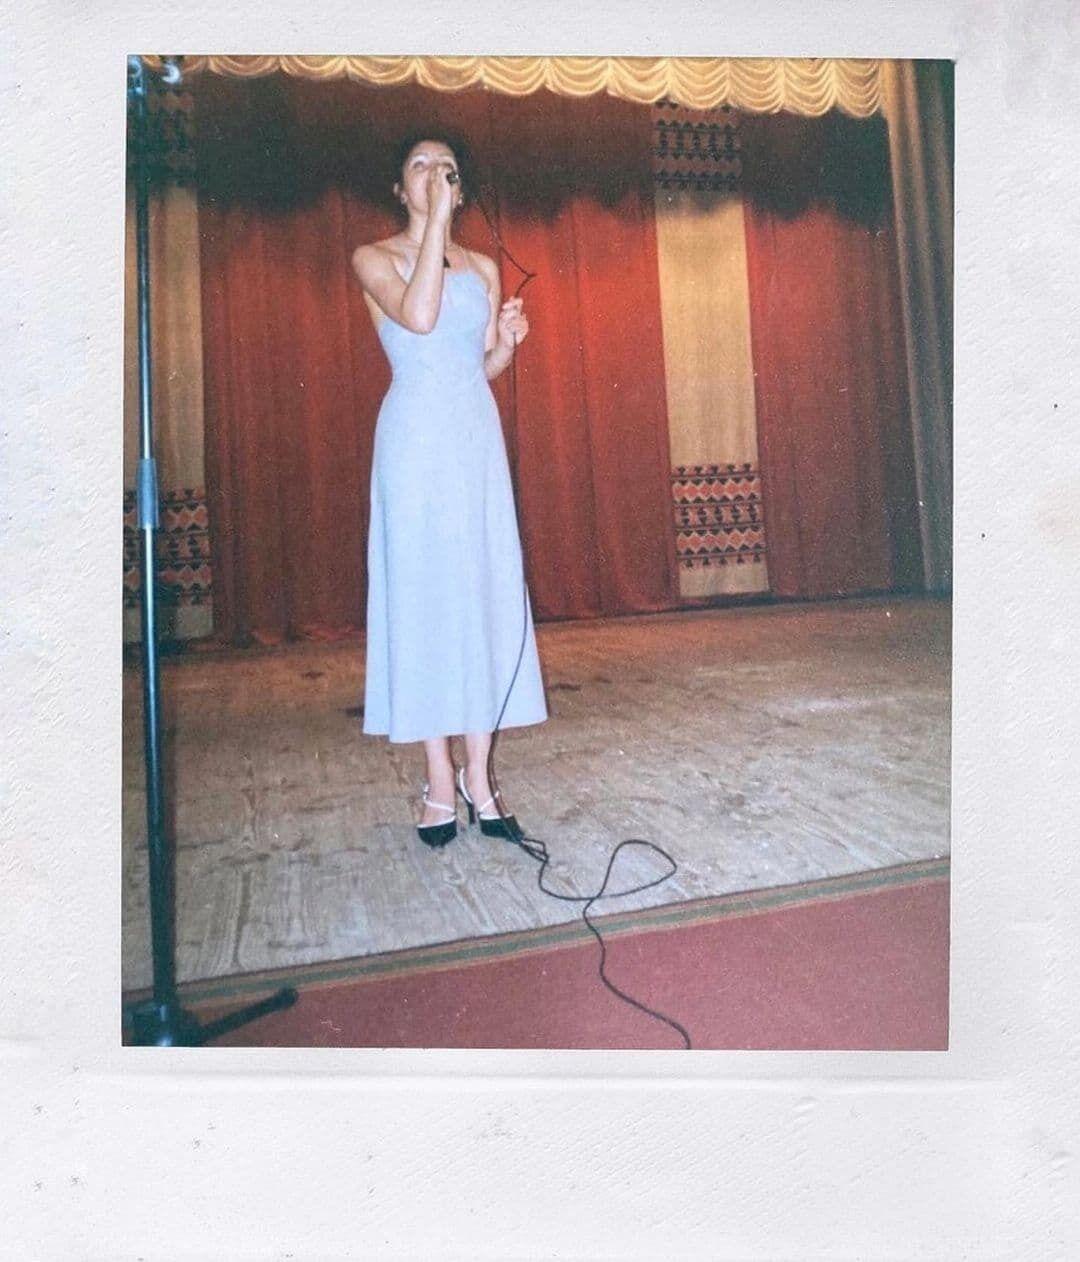 Цибульська показала архівне фото.